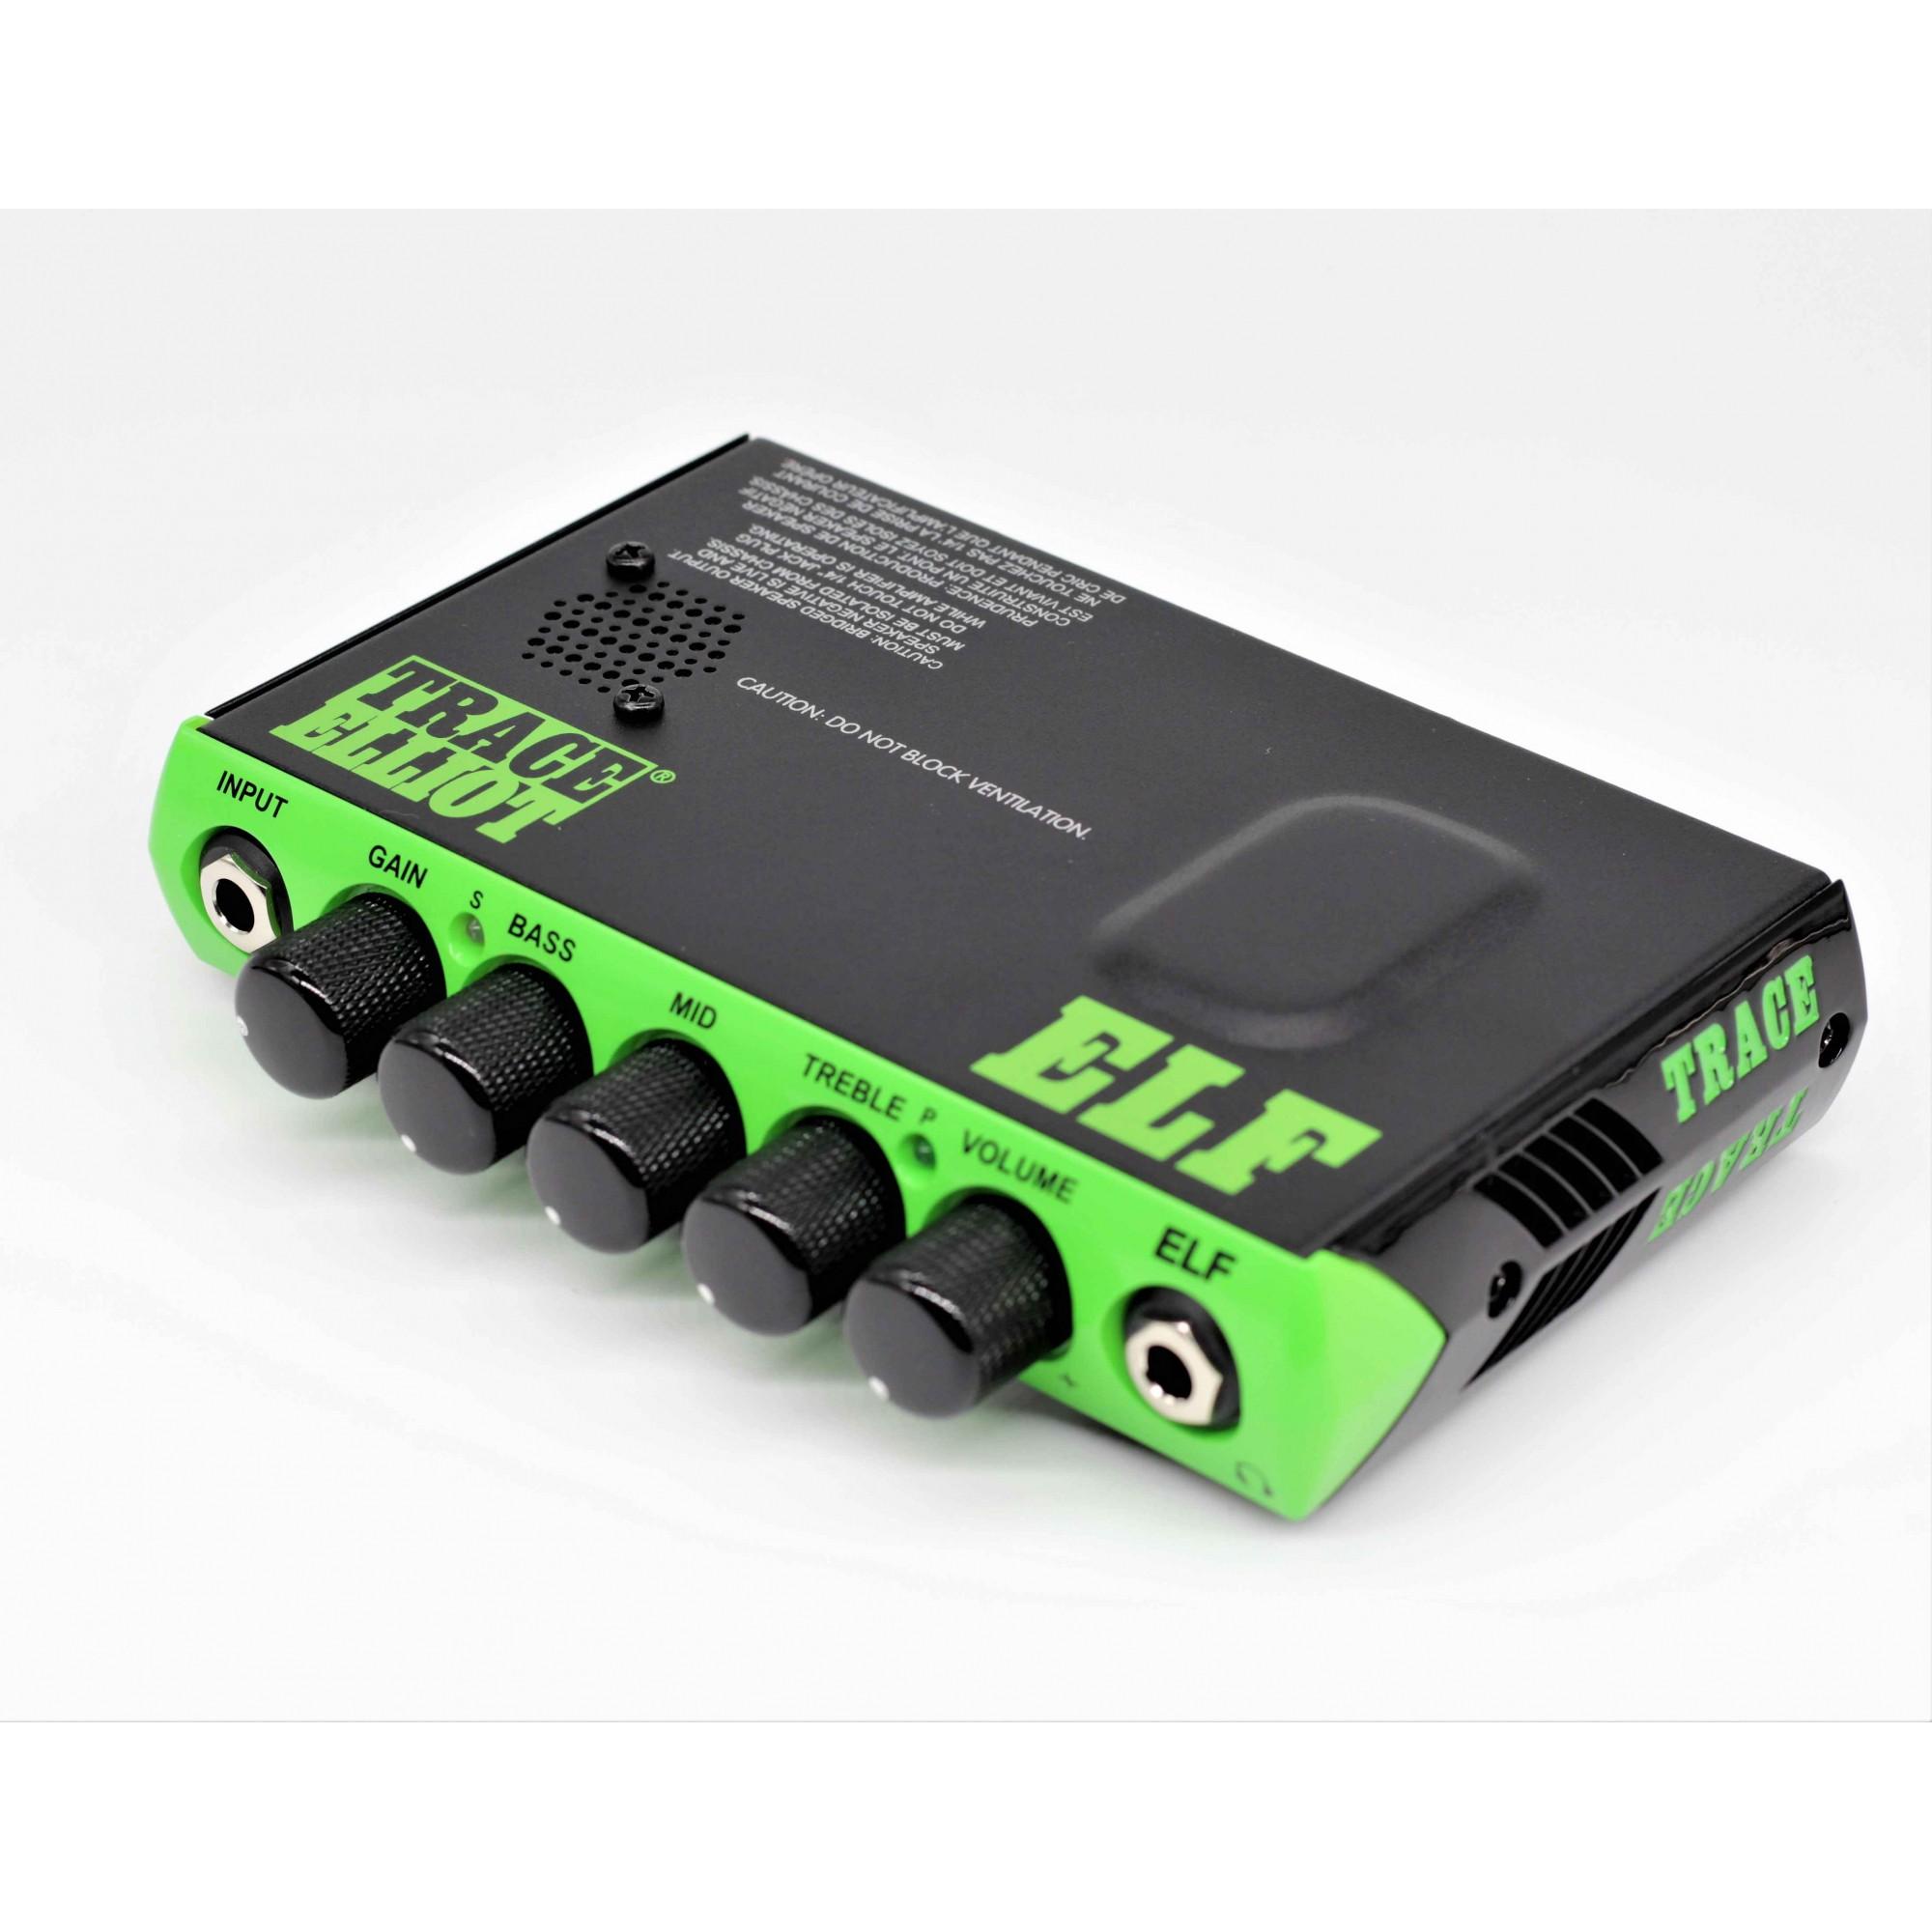 Amplificador Contrabaixo Trace Elliot Elf 200W